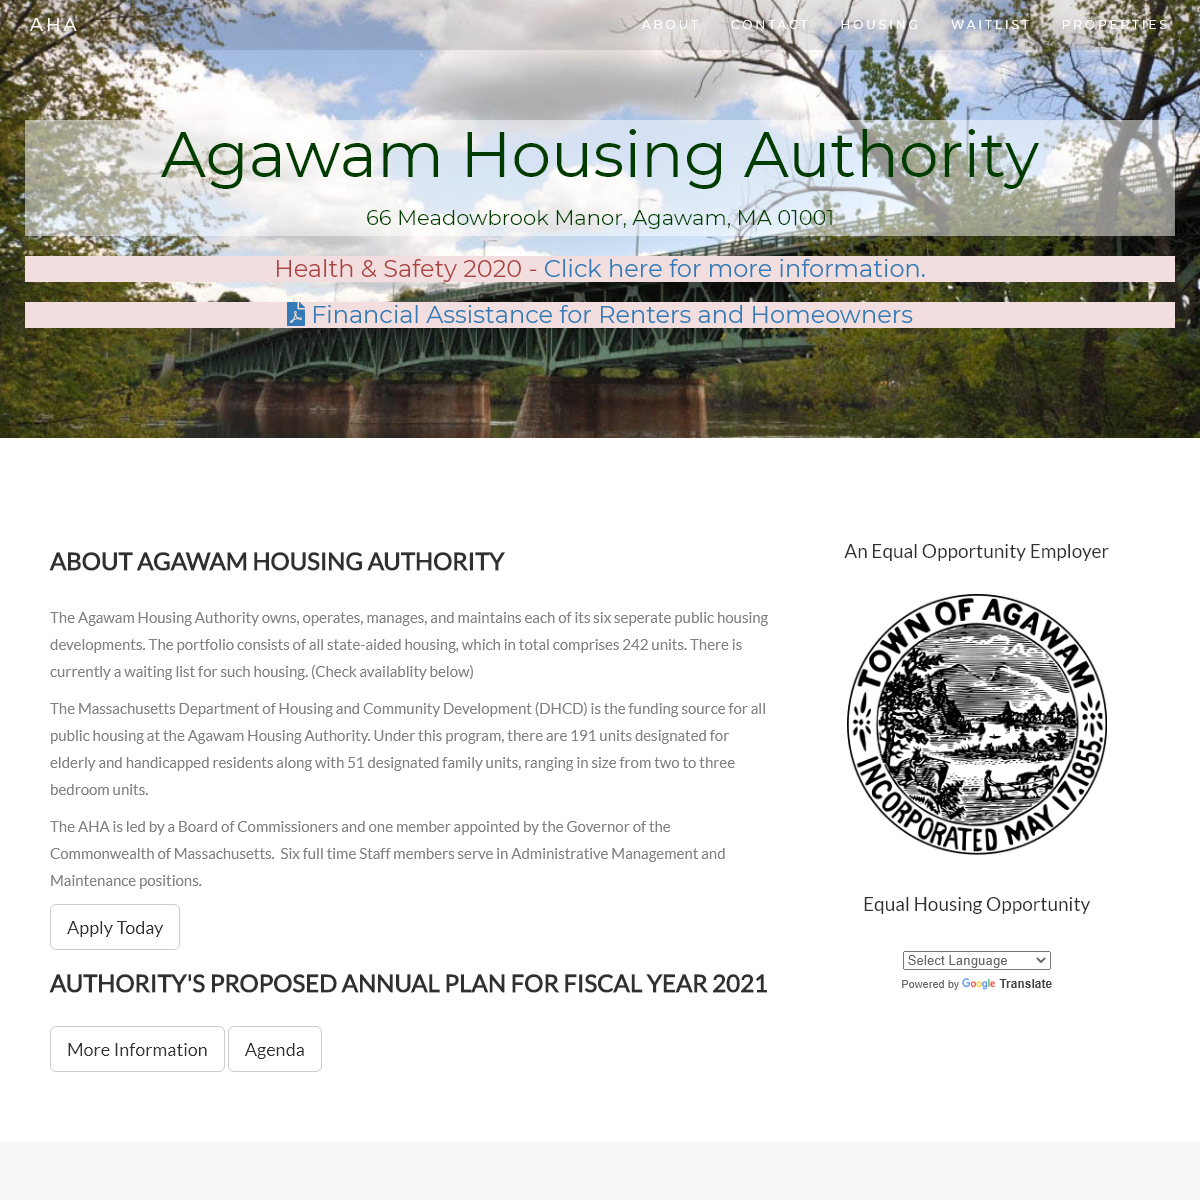 Agawam Housing Authority